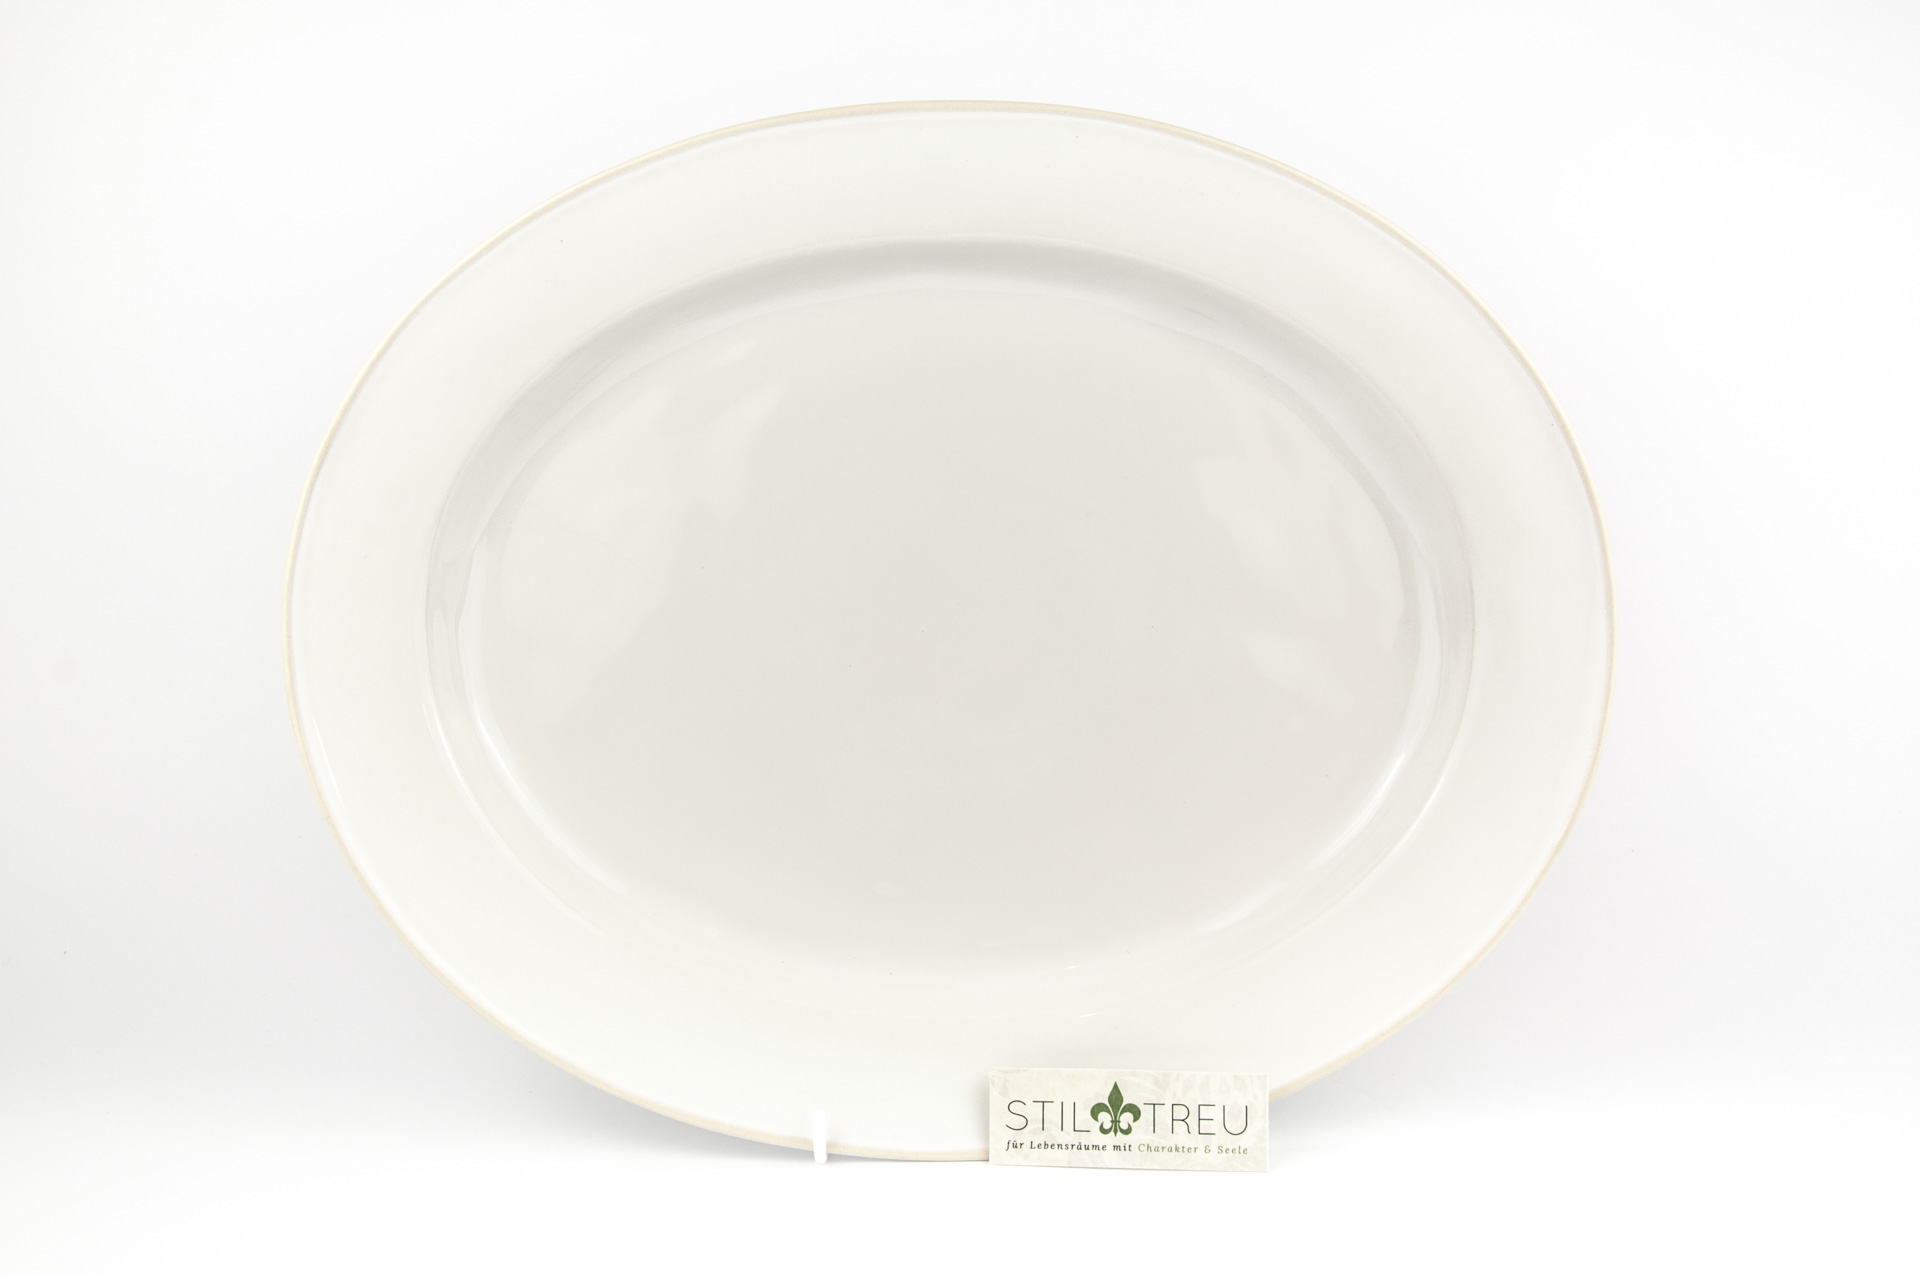 Ovale Platte Astoria, weiß, 40 cm